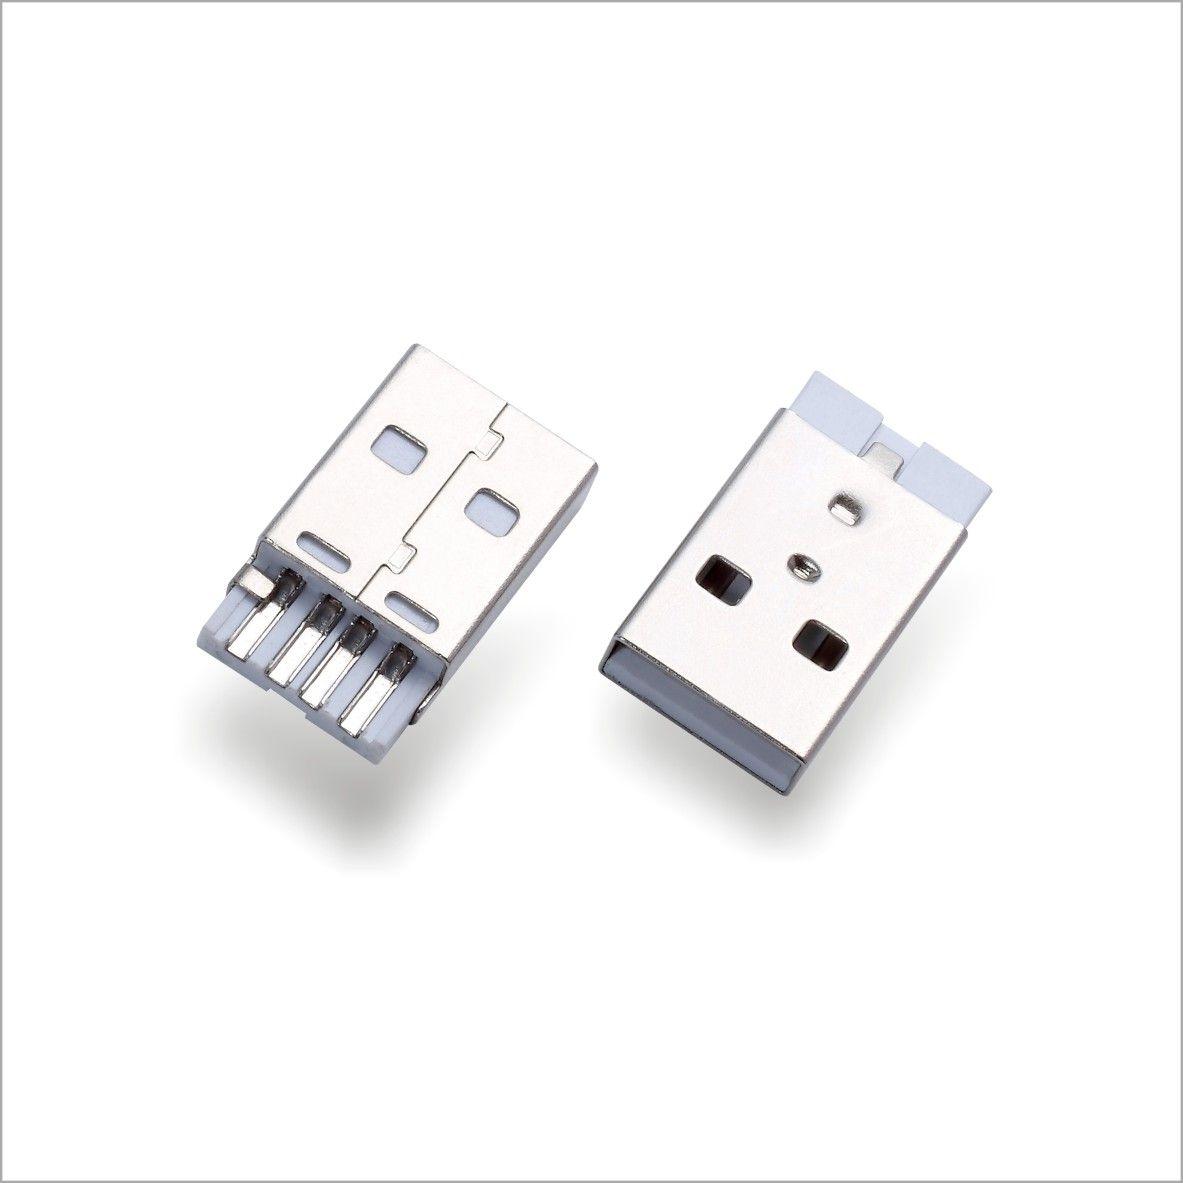 USBAM2.0公头铁壳接地厂家批发